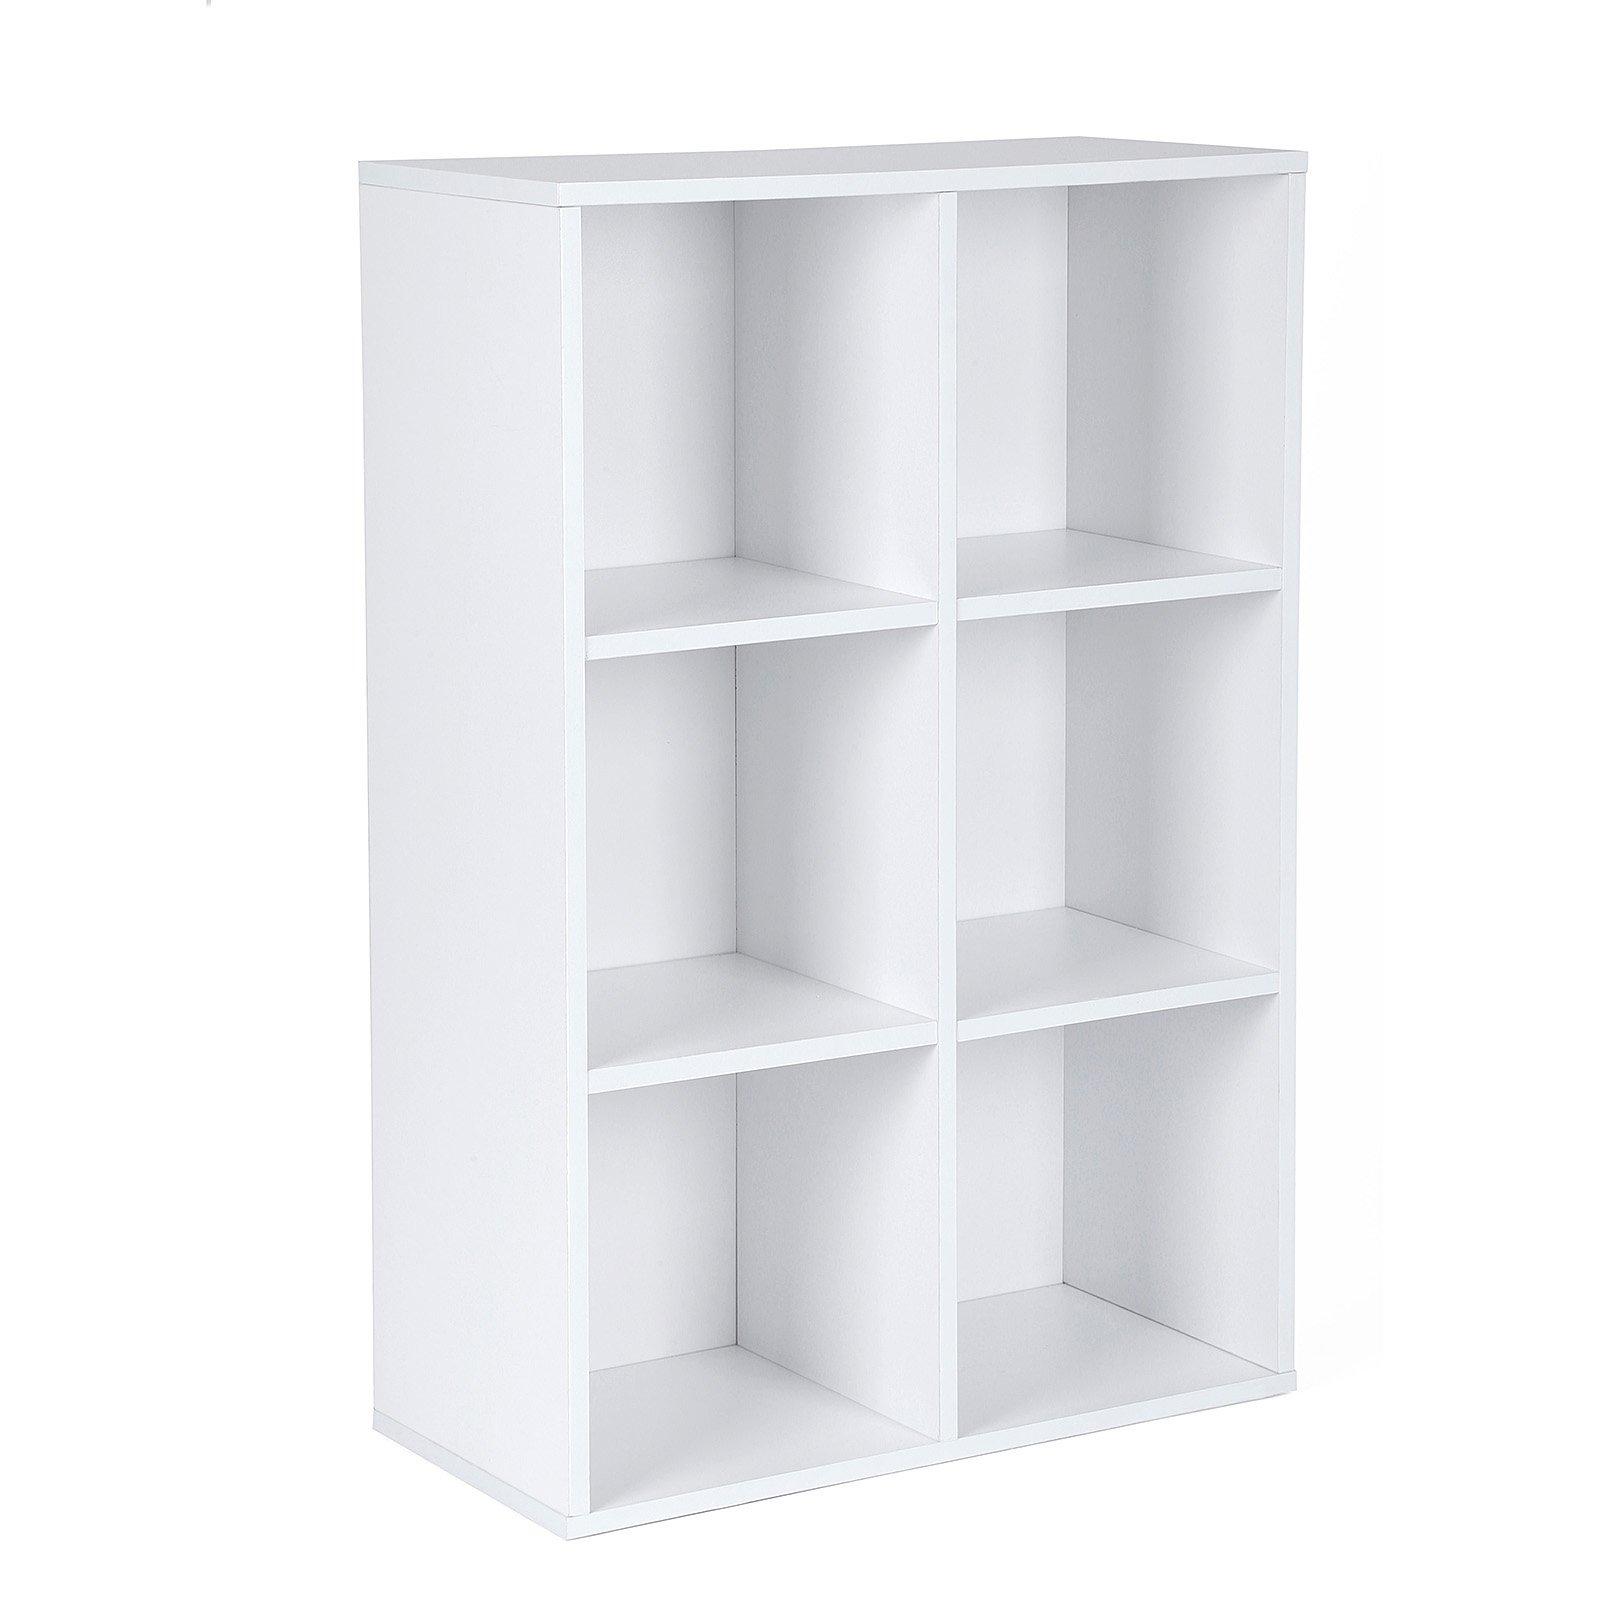 VASAGLE Librería Estantería Biblioteca con 6 Compartimentos 65,5 x 30,5 x 97